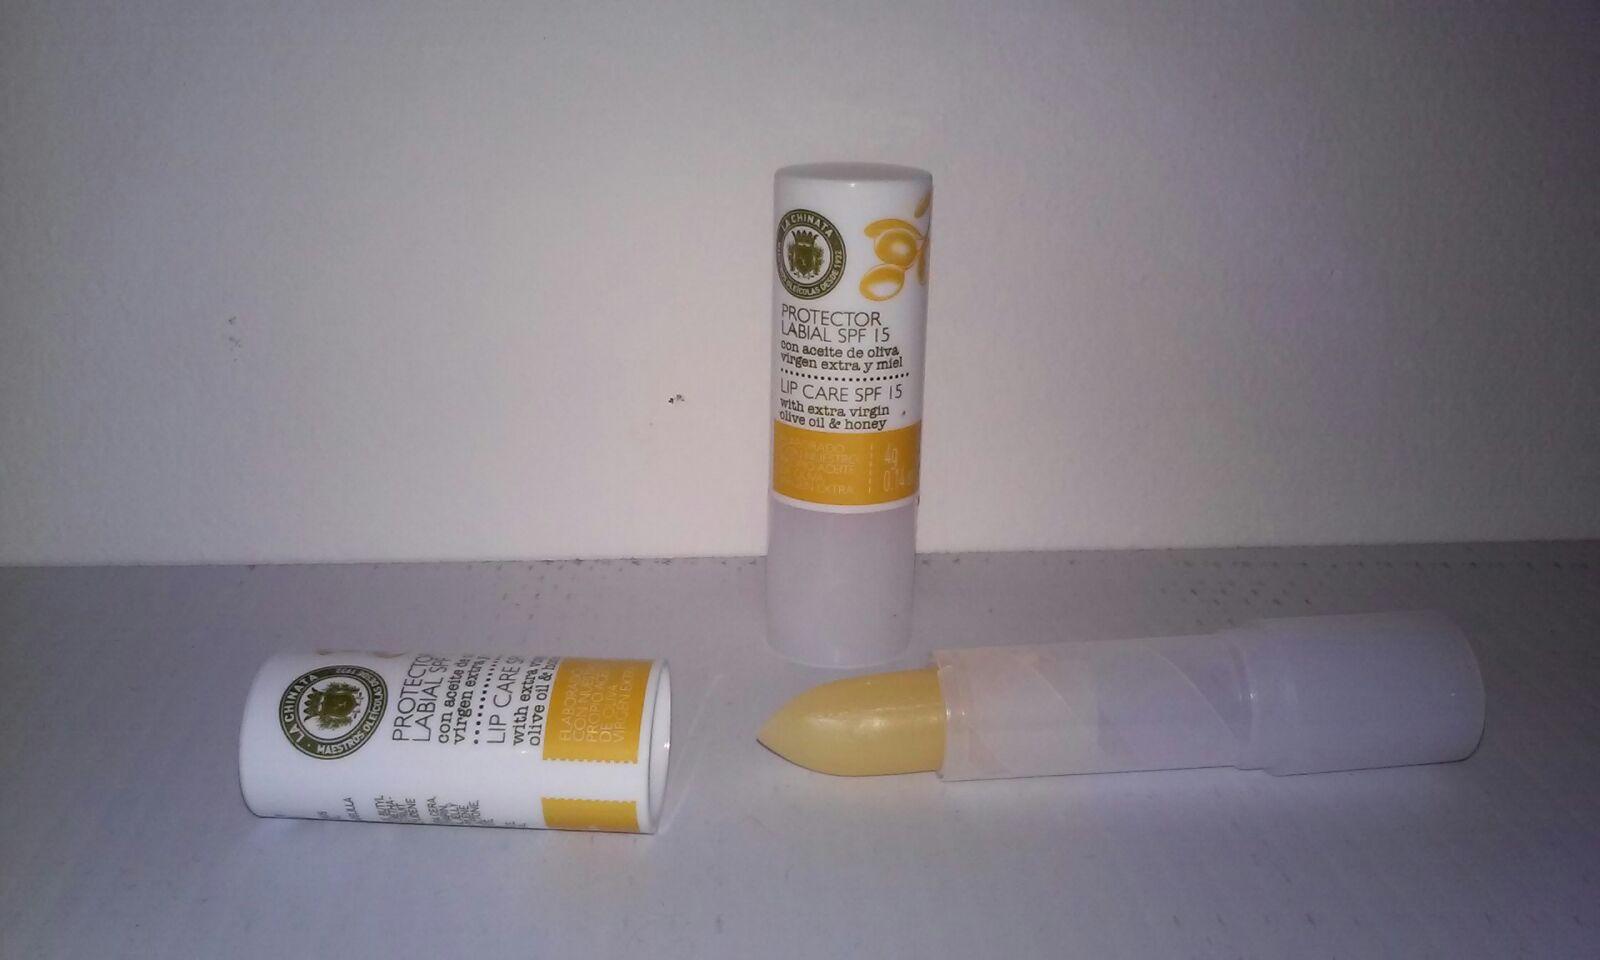 protector-labial-aceite-cera-miel-la-chinata